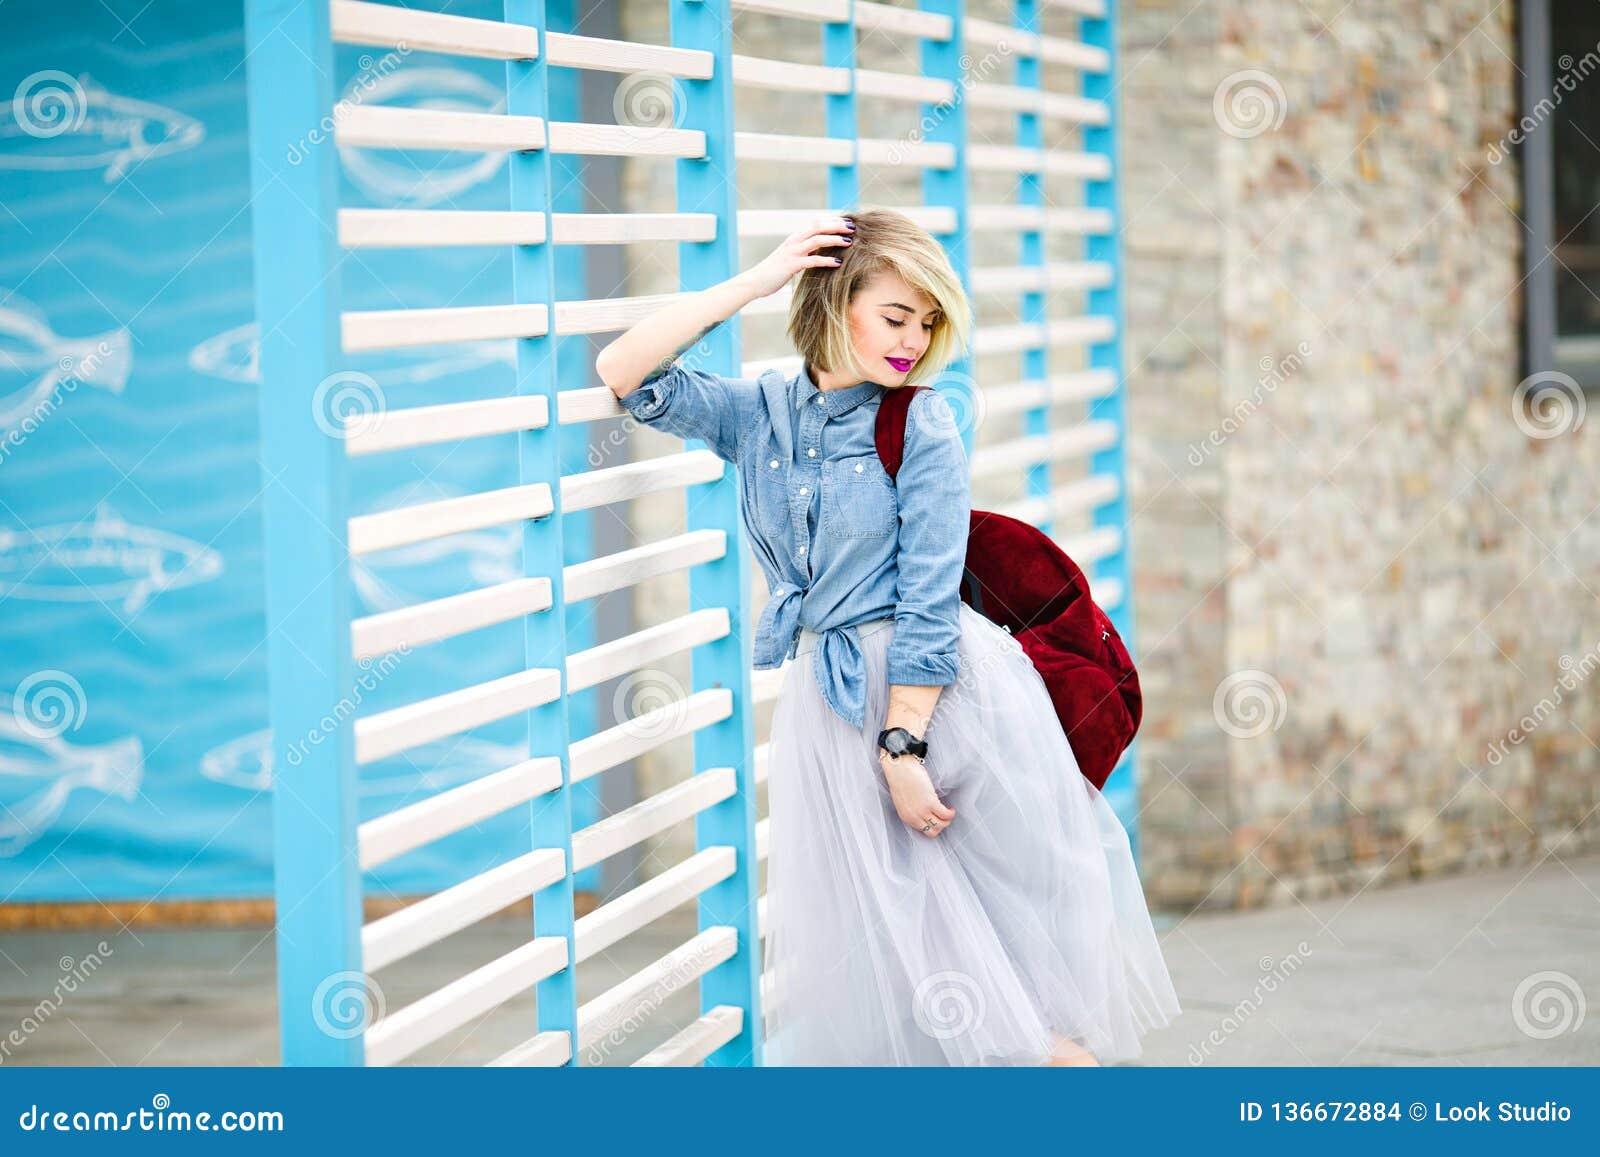 White blonde naked girl standing up